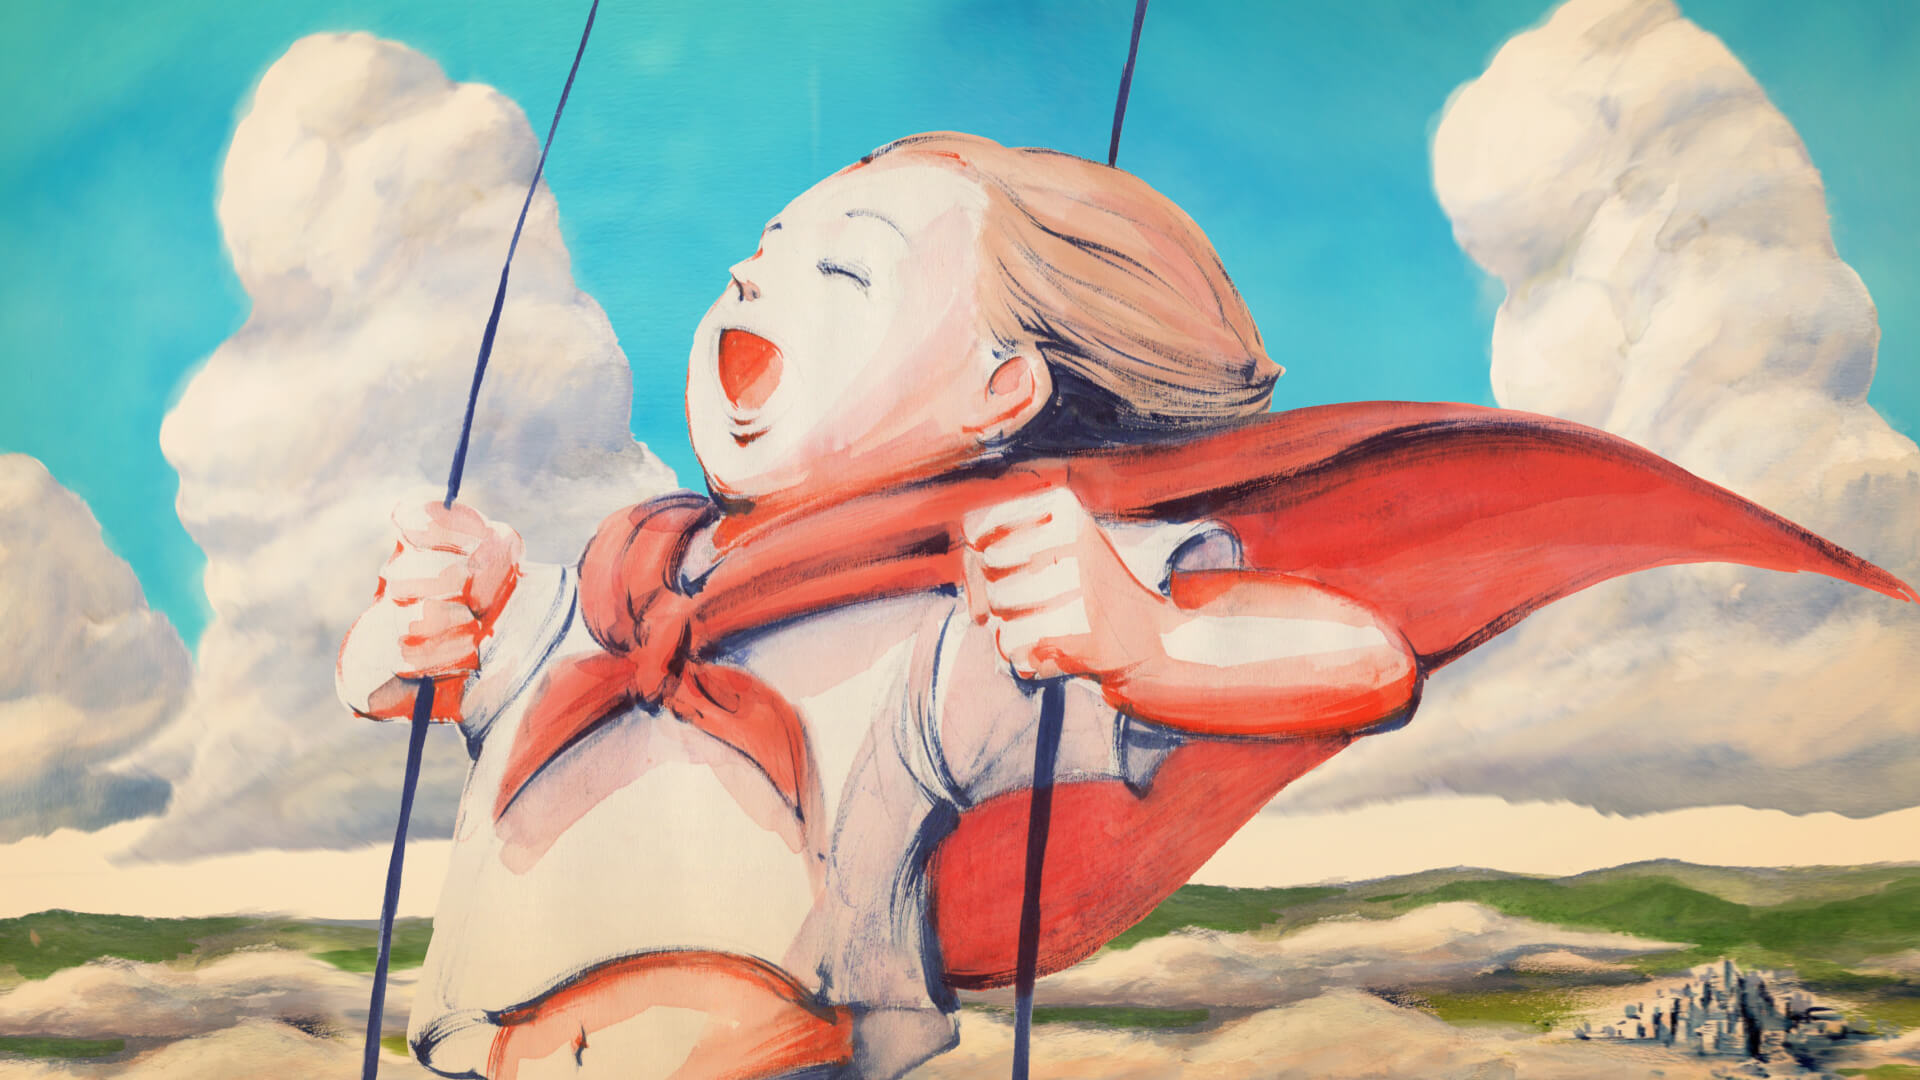 米津玄師「パプリカ」セルフカバーが配信決定!明日ついにアリーナツアー<米津玄師 2020 TOUR / HYPE>スタート music200131_yonezukenshi_paprika_3